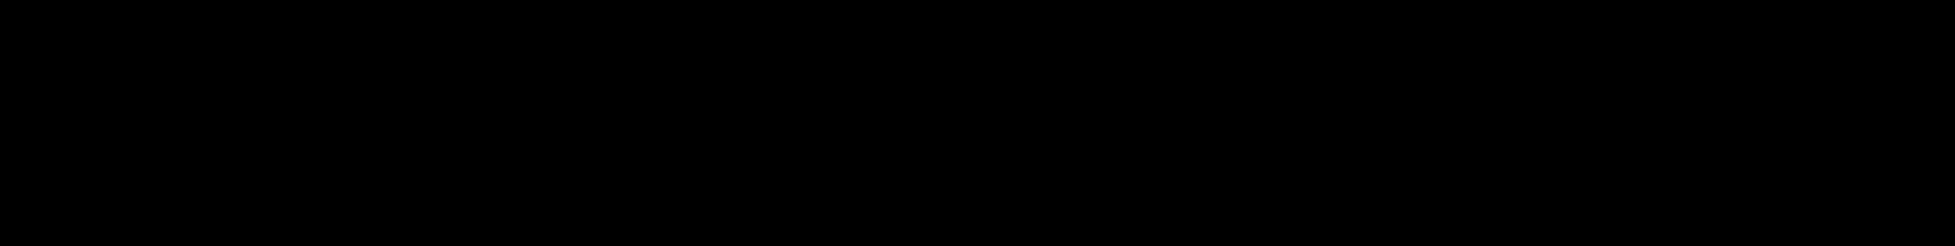 Unique Passports Logo